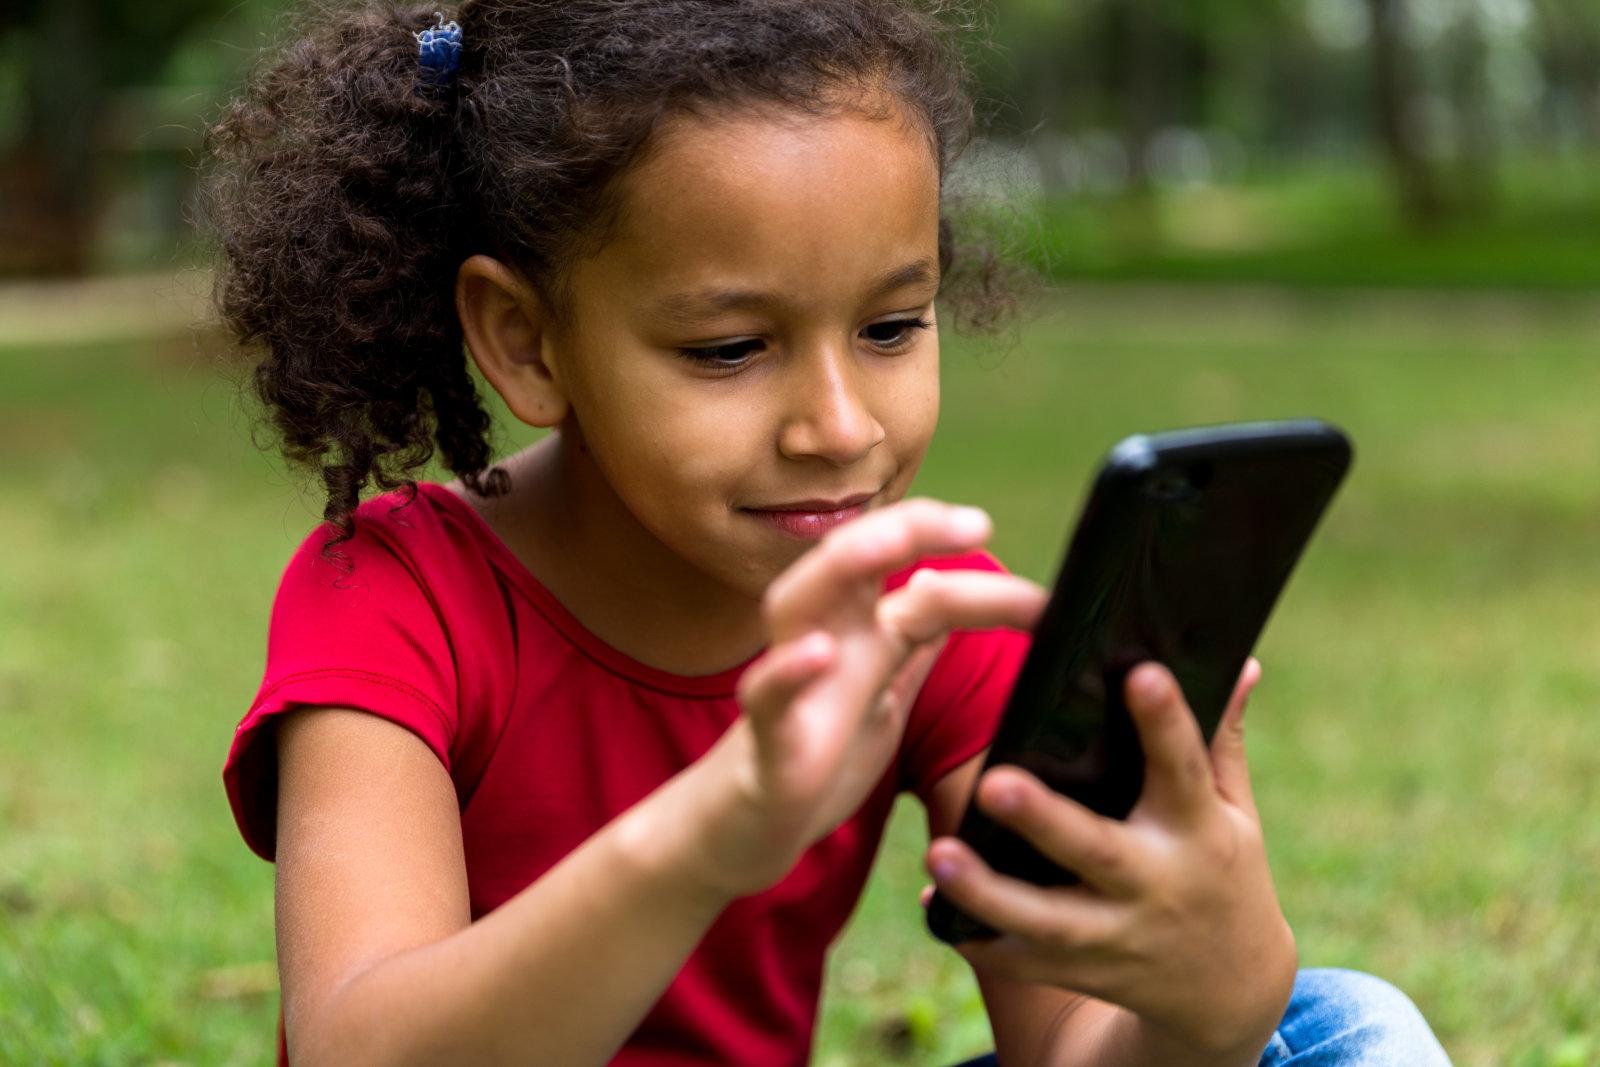 Viele Android-Apps für Kinder sammeln zu viele Daten